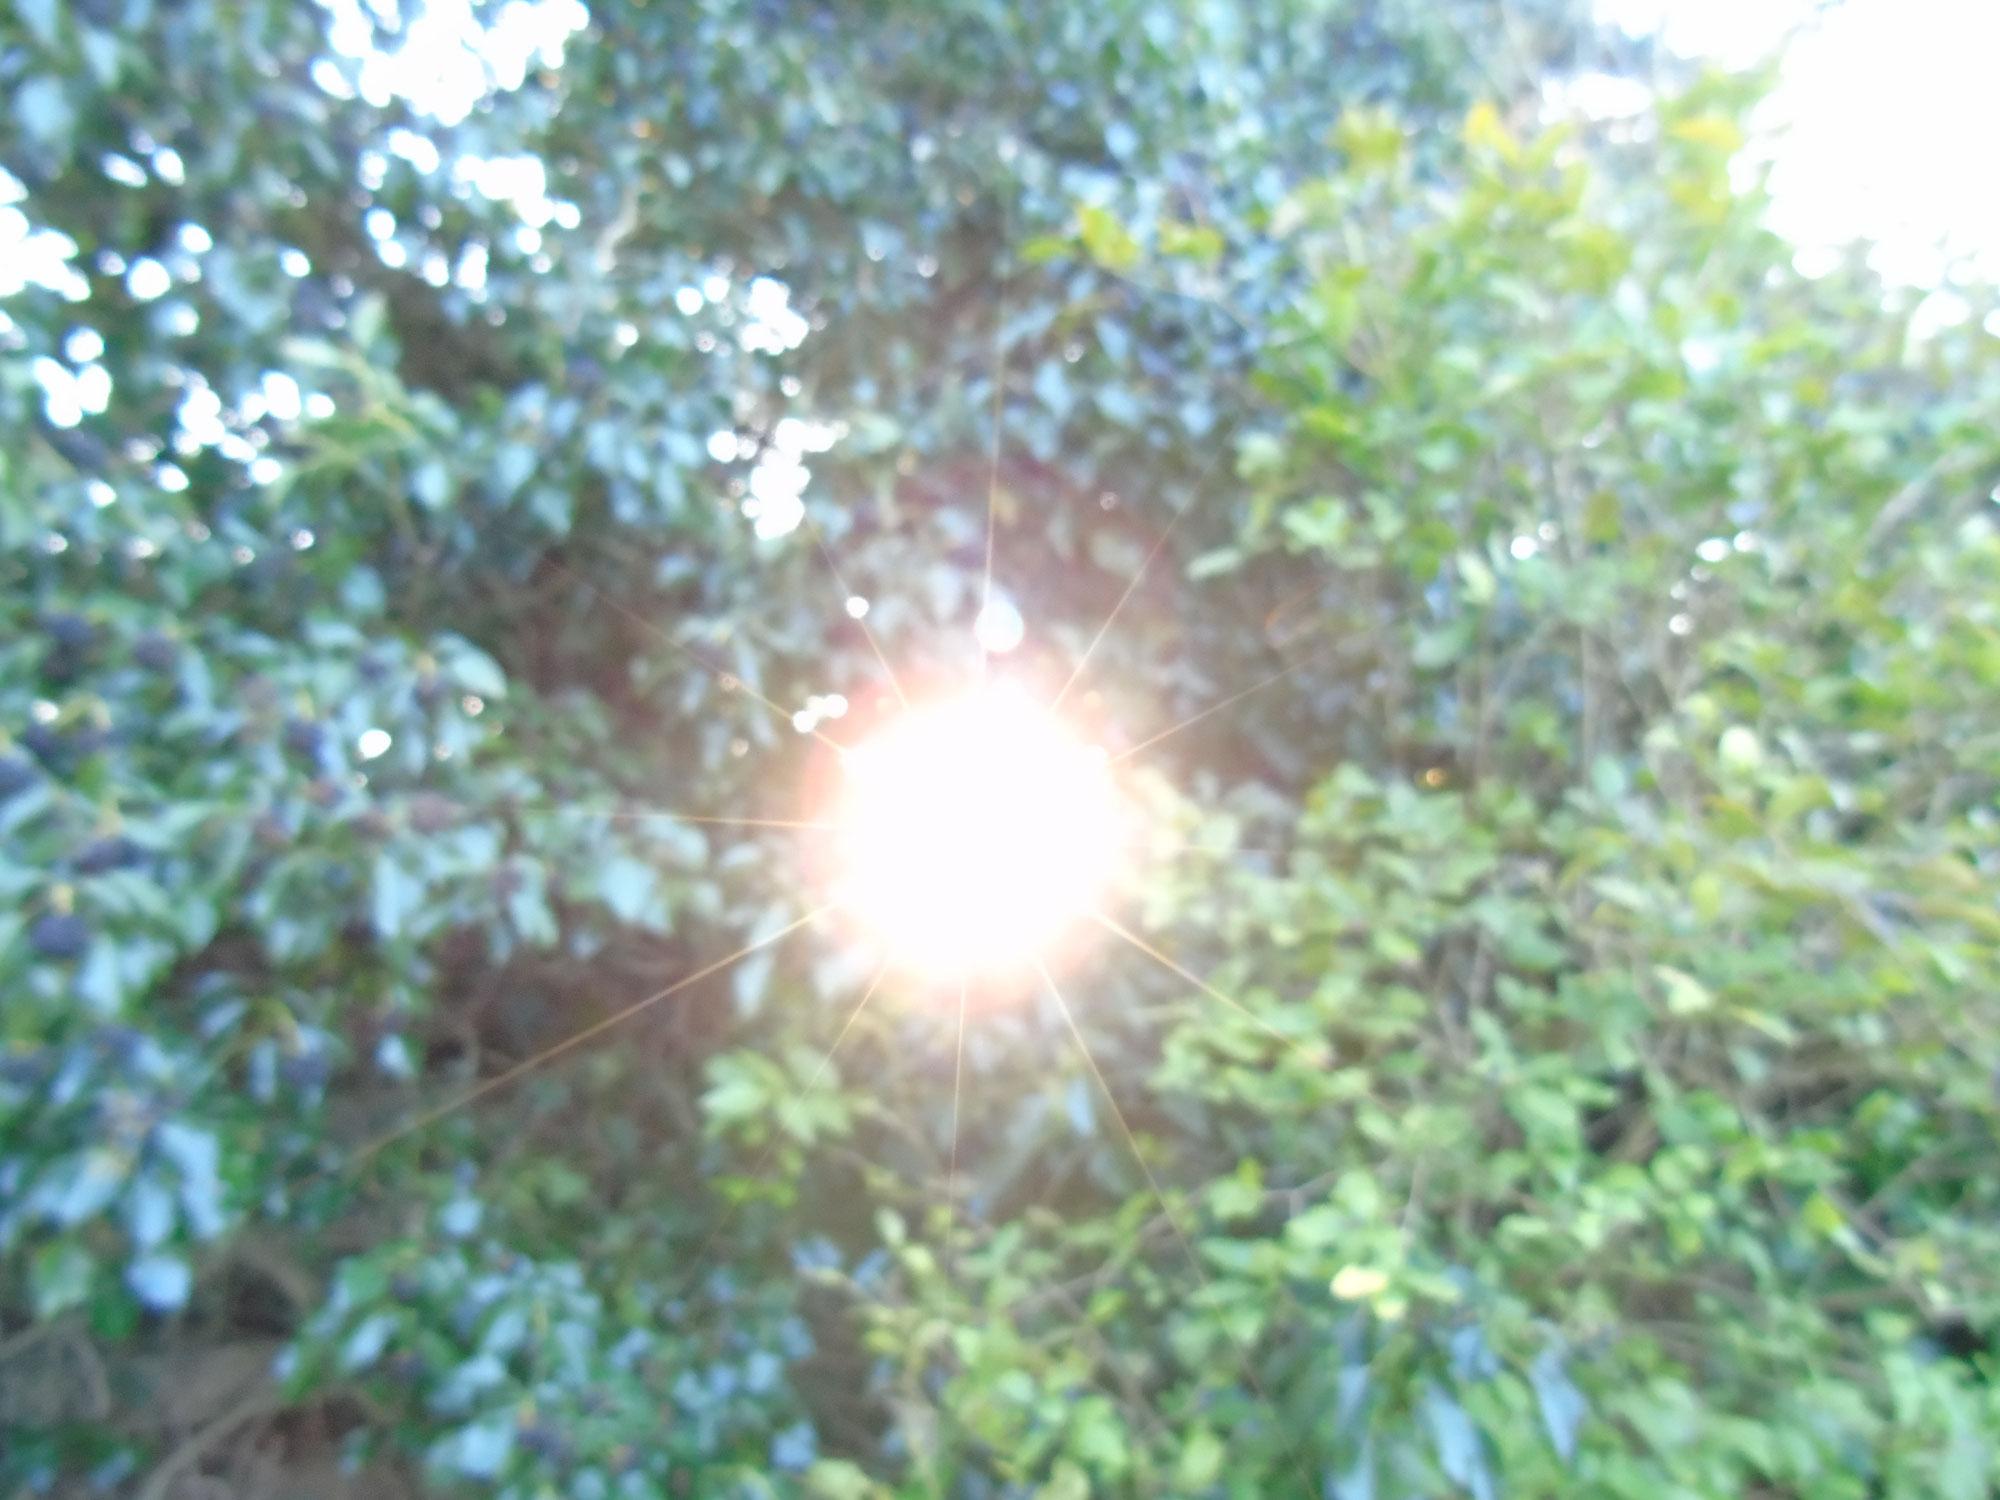 Öffne Dich für Wunder - oder: Lebenselixier Licht, Teil 4